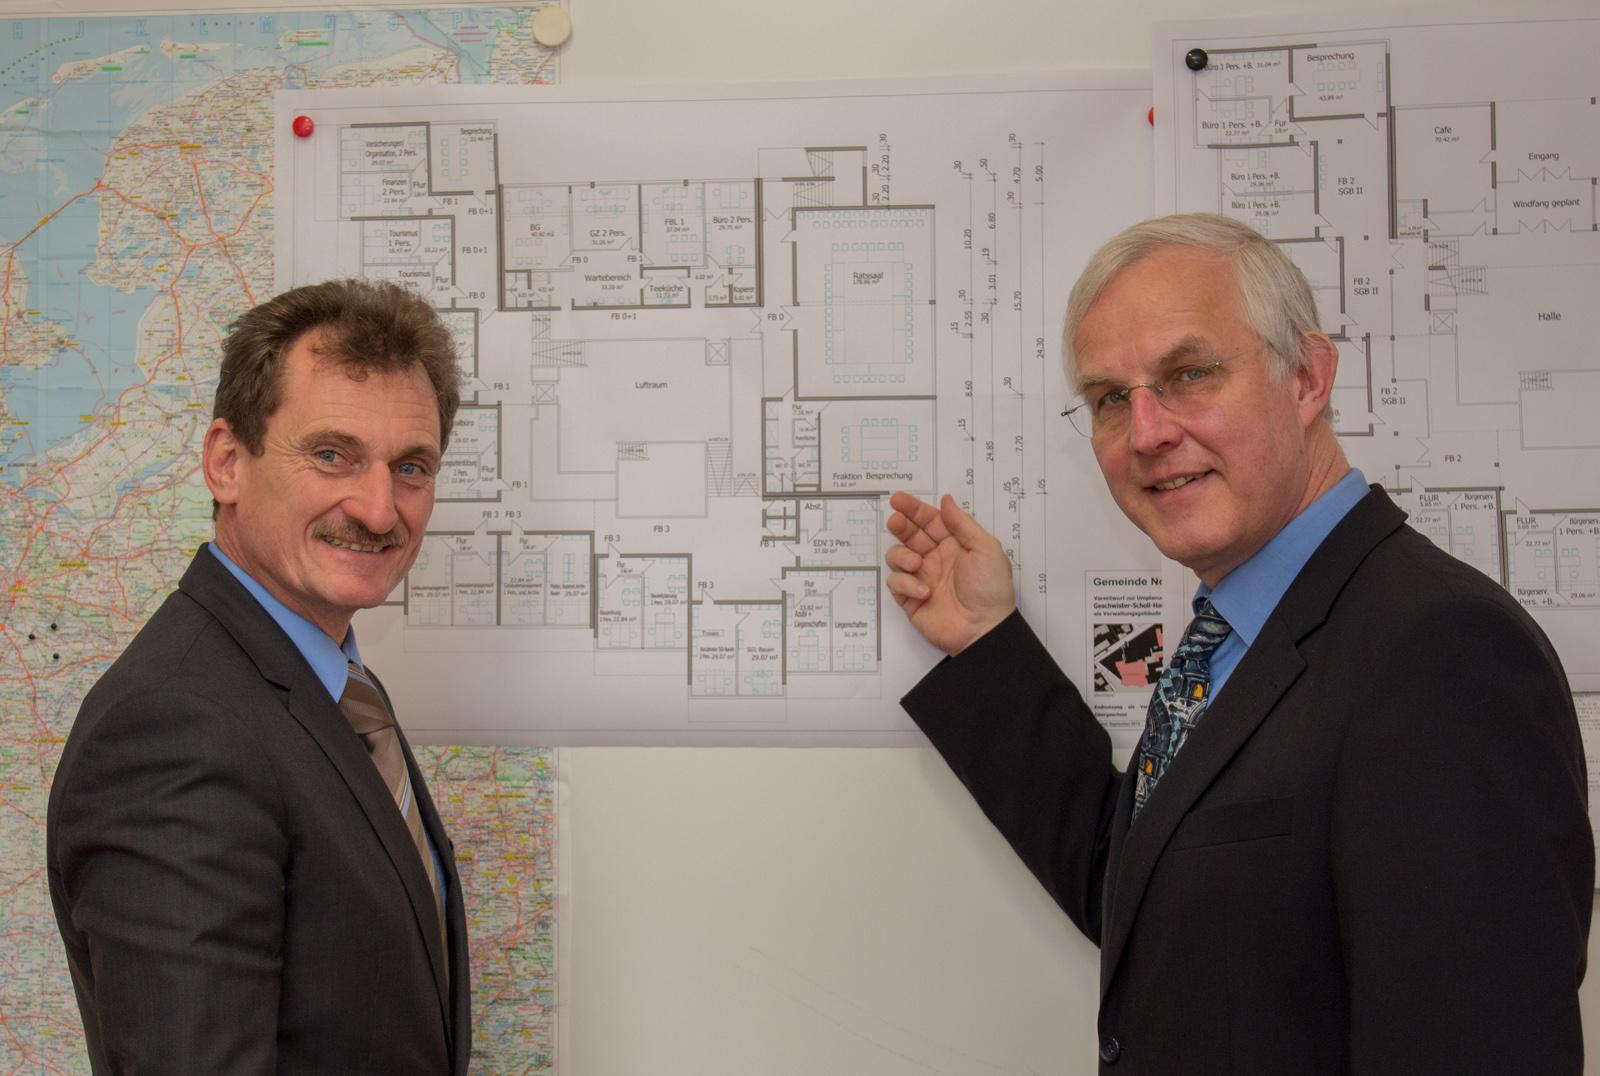 Bürgermeister Schneider erläutert Ulli Hampel die Pläne für den geplanten Umbau der Nottulner Geschwister-Scholl-Hauptschule